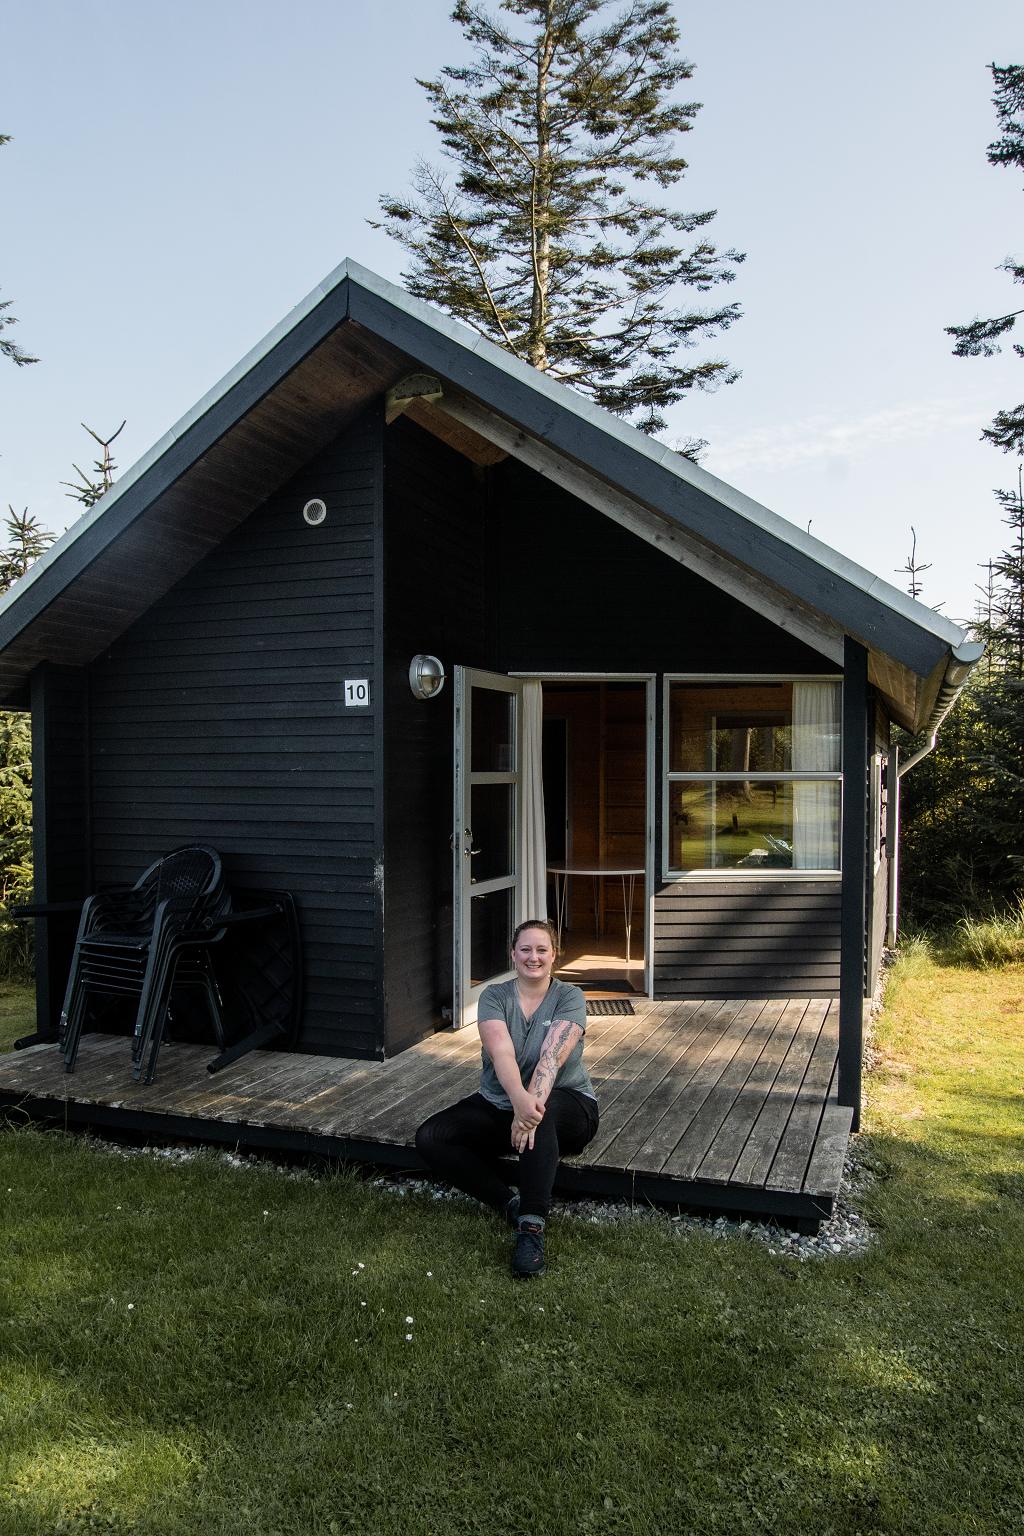 Hütte auf Campingplatz